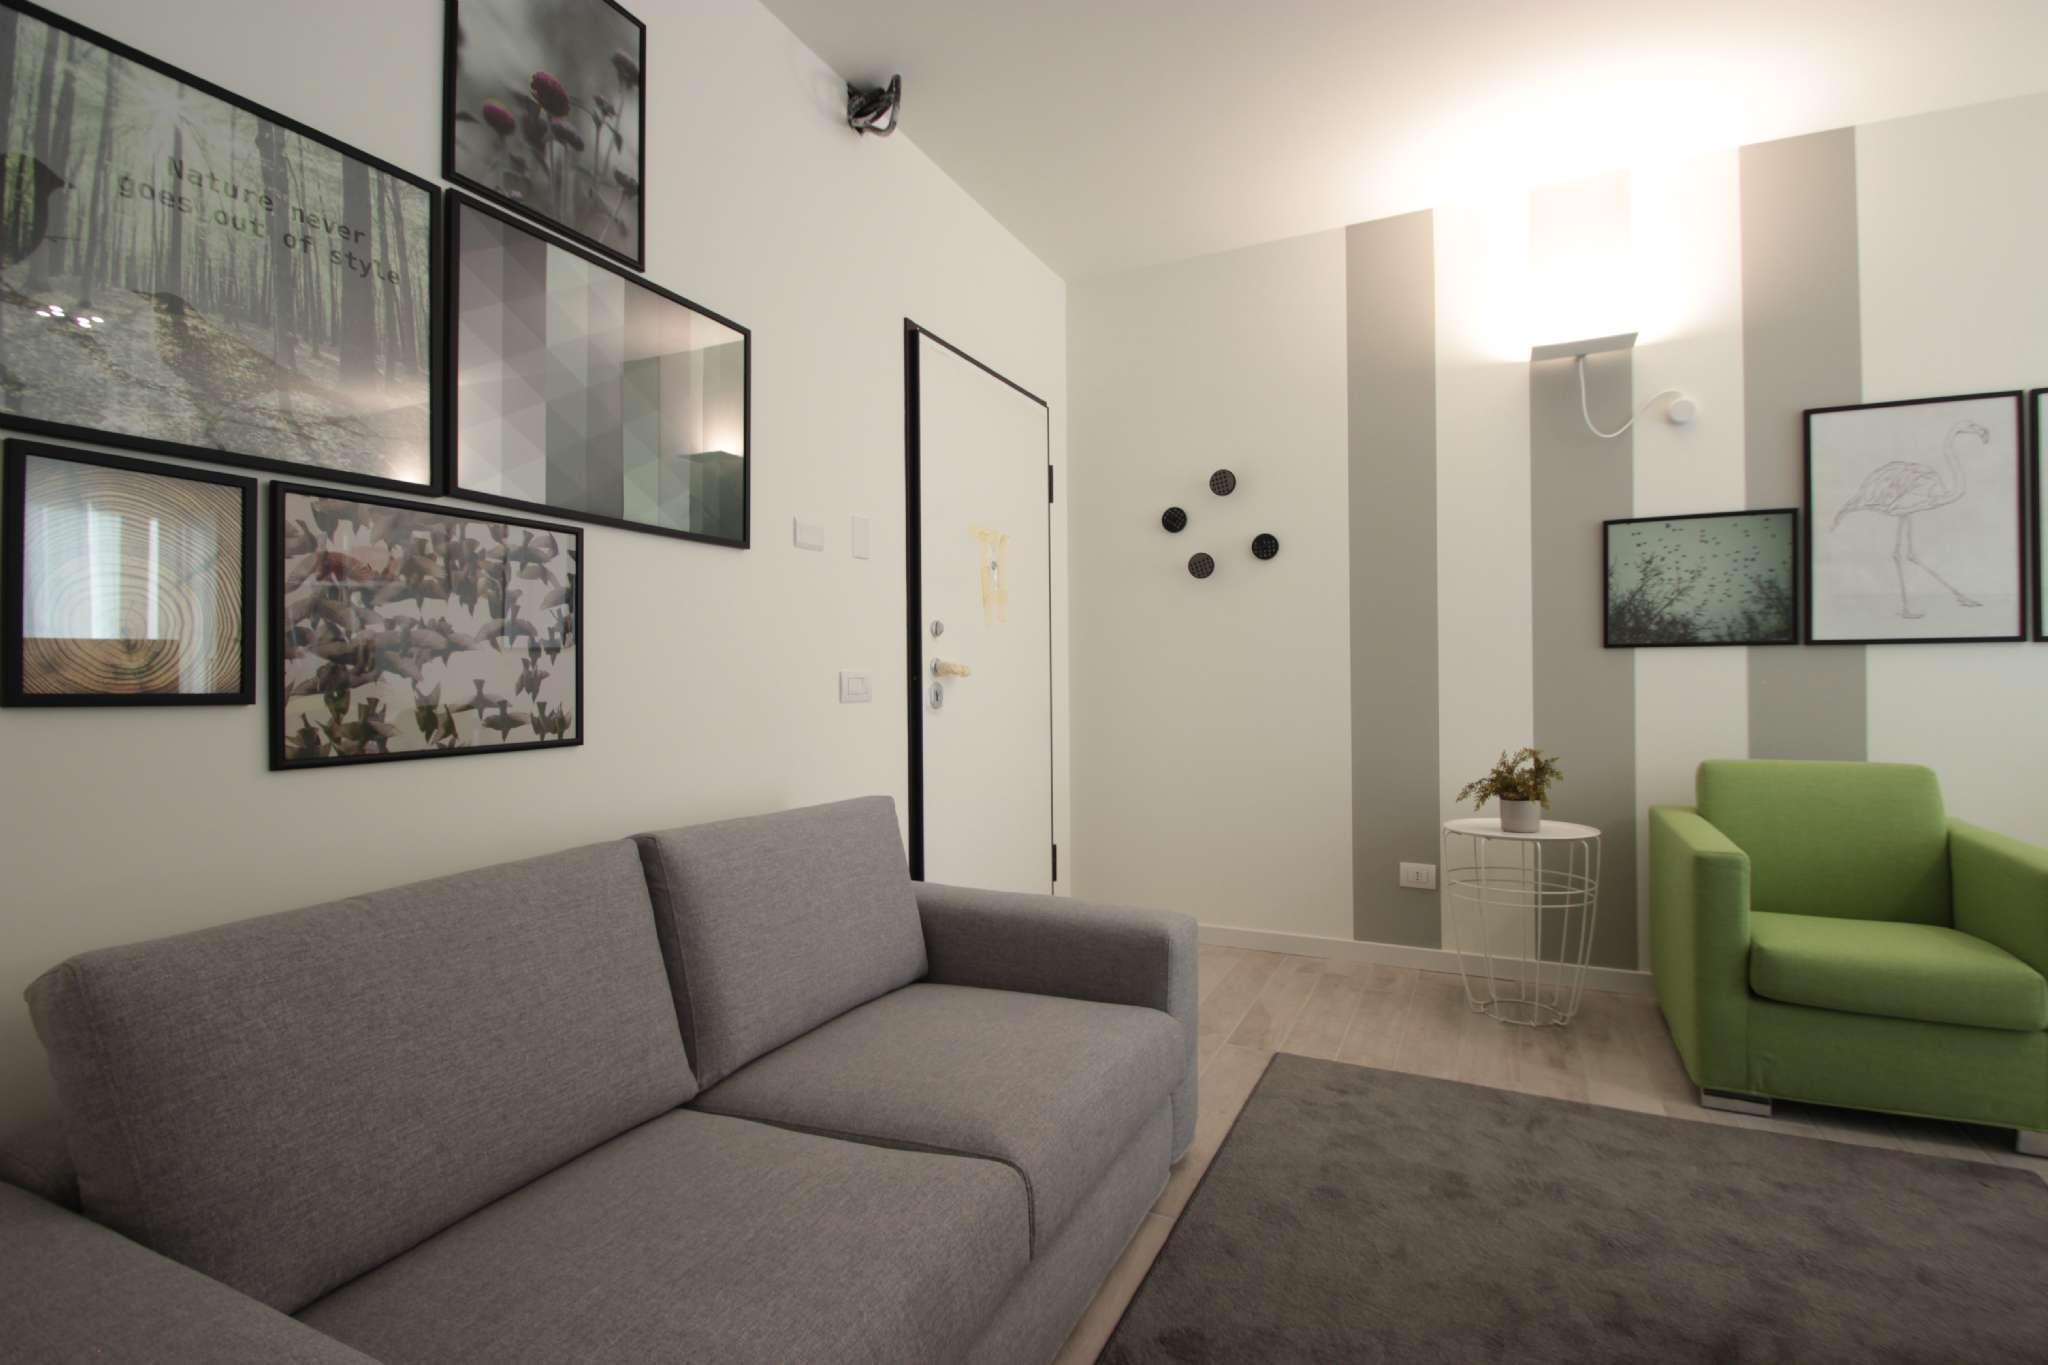 Appartamento in vendita a Casatenovo, 3 locali, prezzo € 220.000 | PortaleAgenzieImmobiliari.it